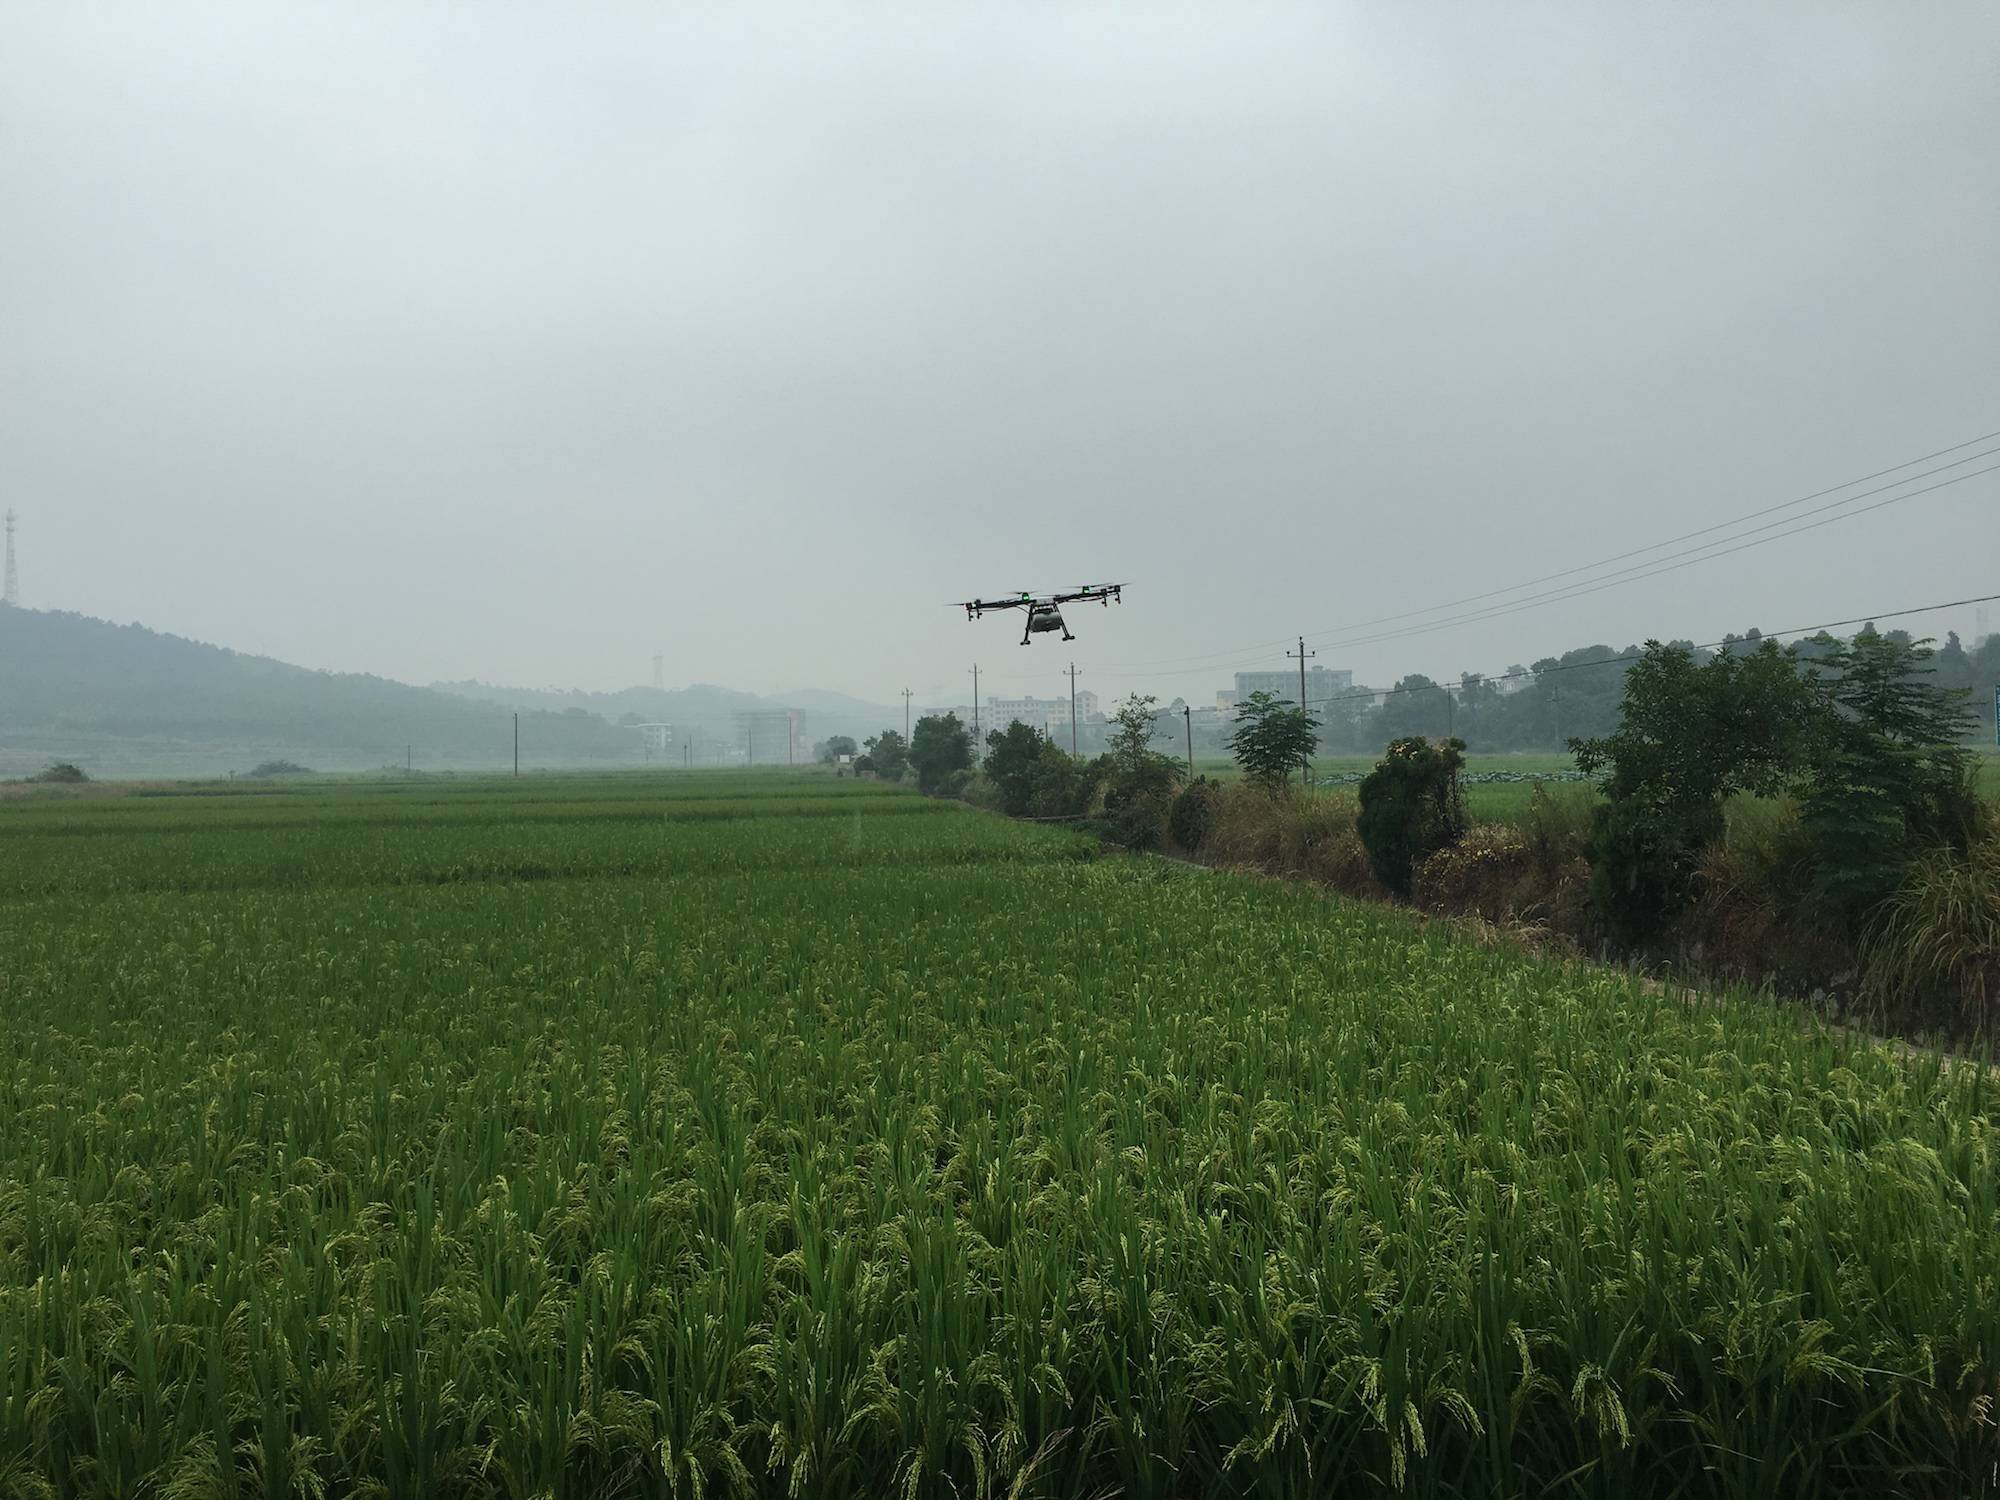 正在作业的大疆农业植保机 MG-1